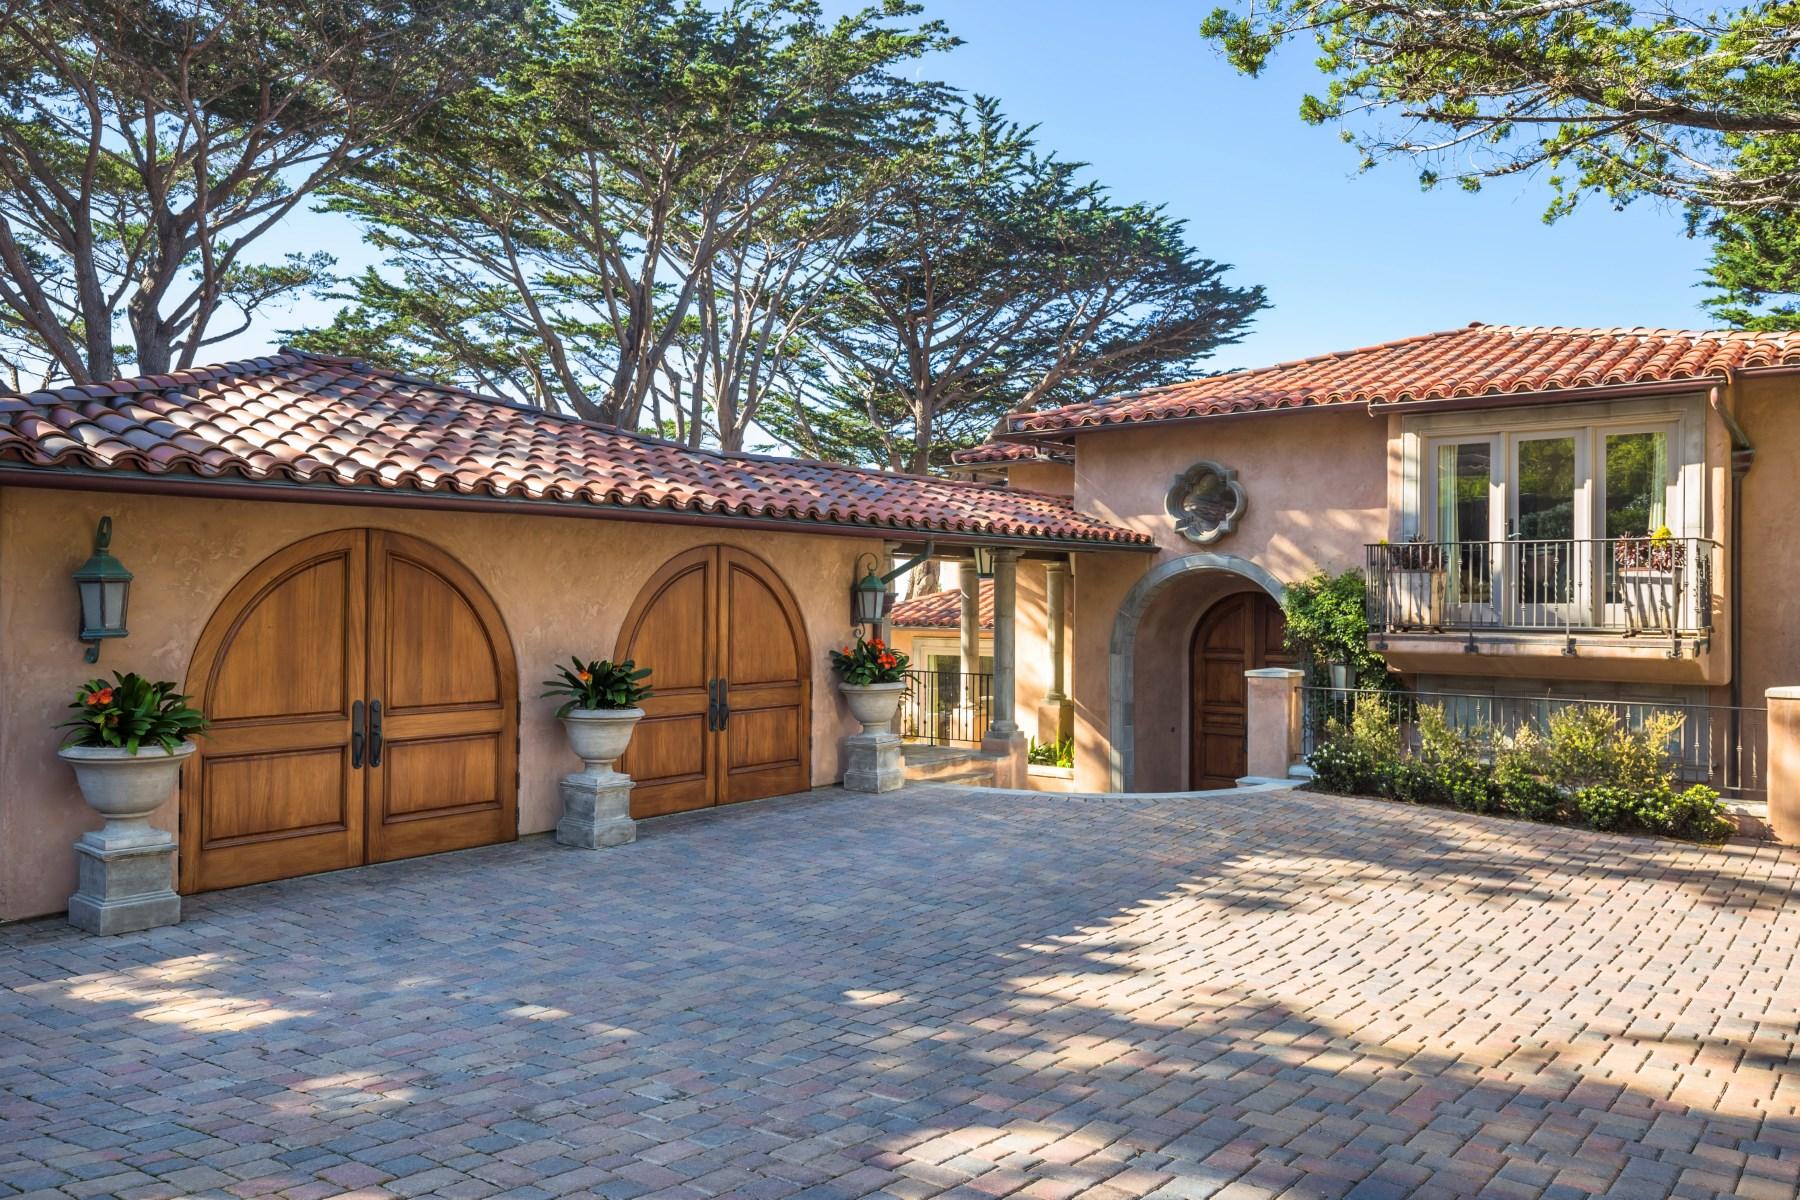 Maison unifamiliale pour l Vente à Waterfront Perfection 86 Yankee Point Drive Carmel, Californie 93923 États-Unis